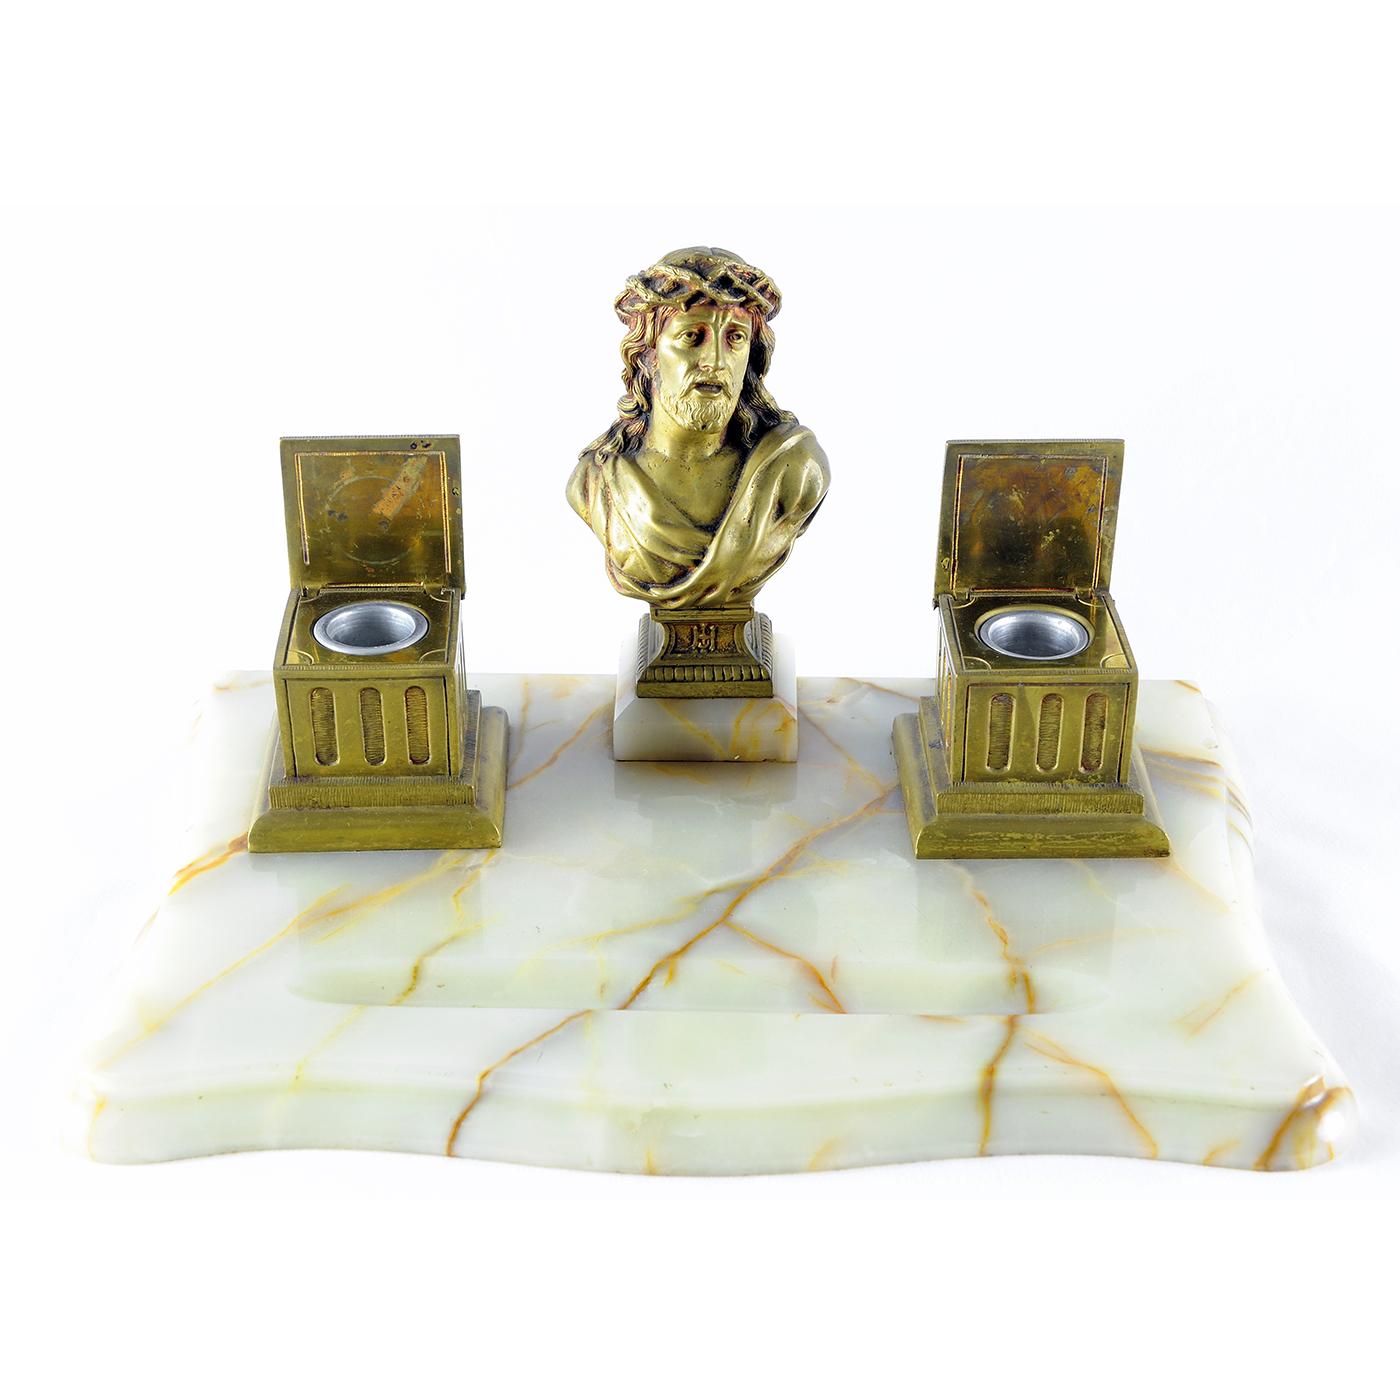 Escribanía en mármol con Cristo y tinteros en Bronce. Pps. siglo XX.